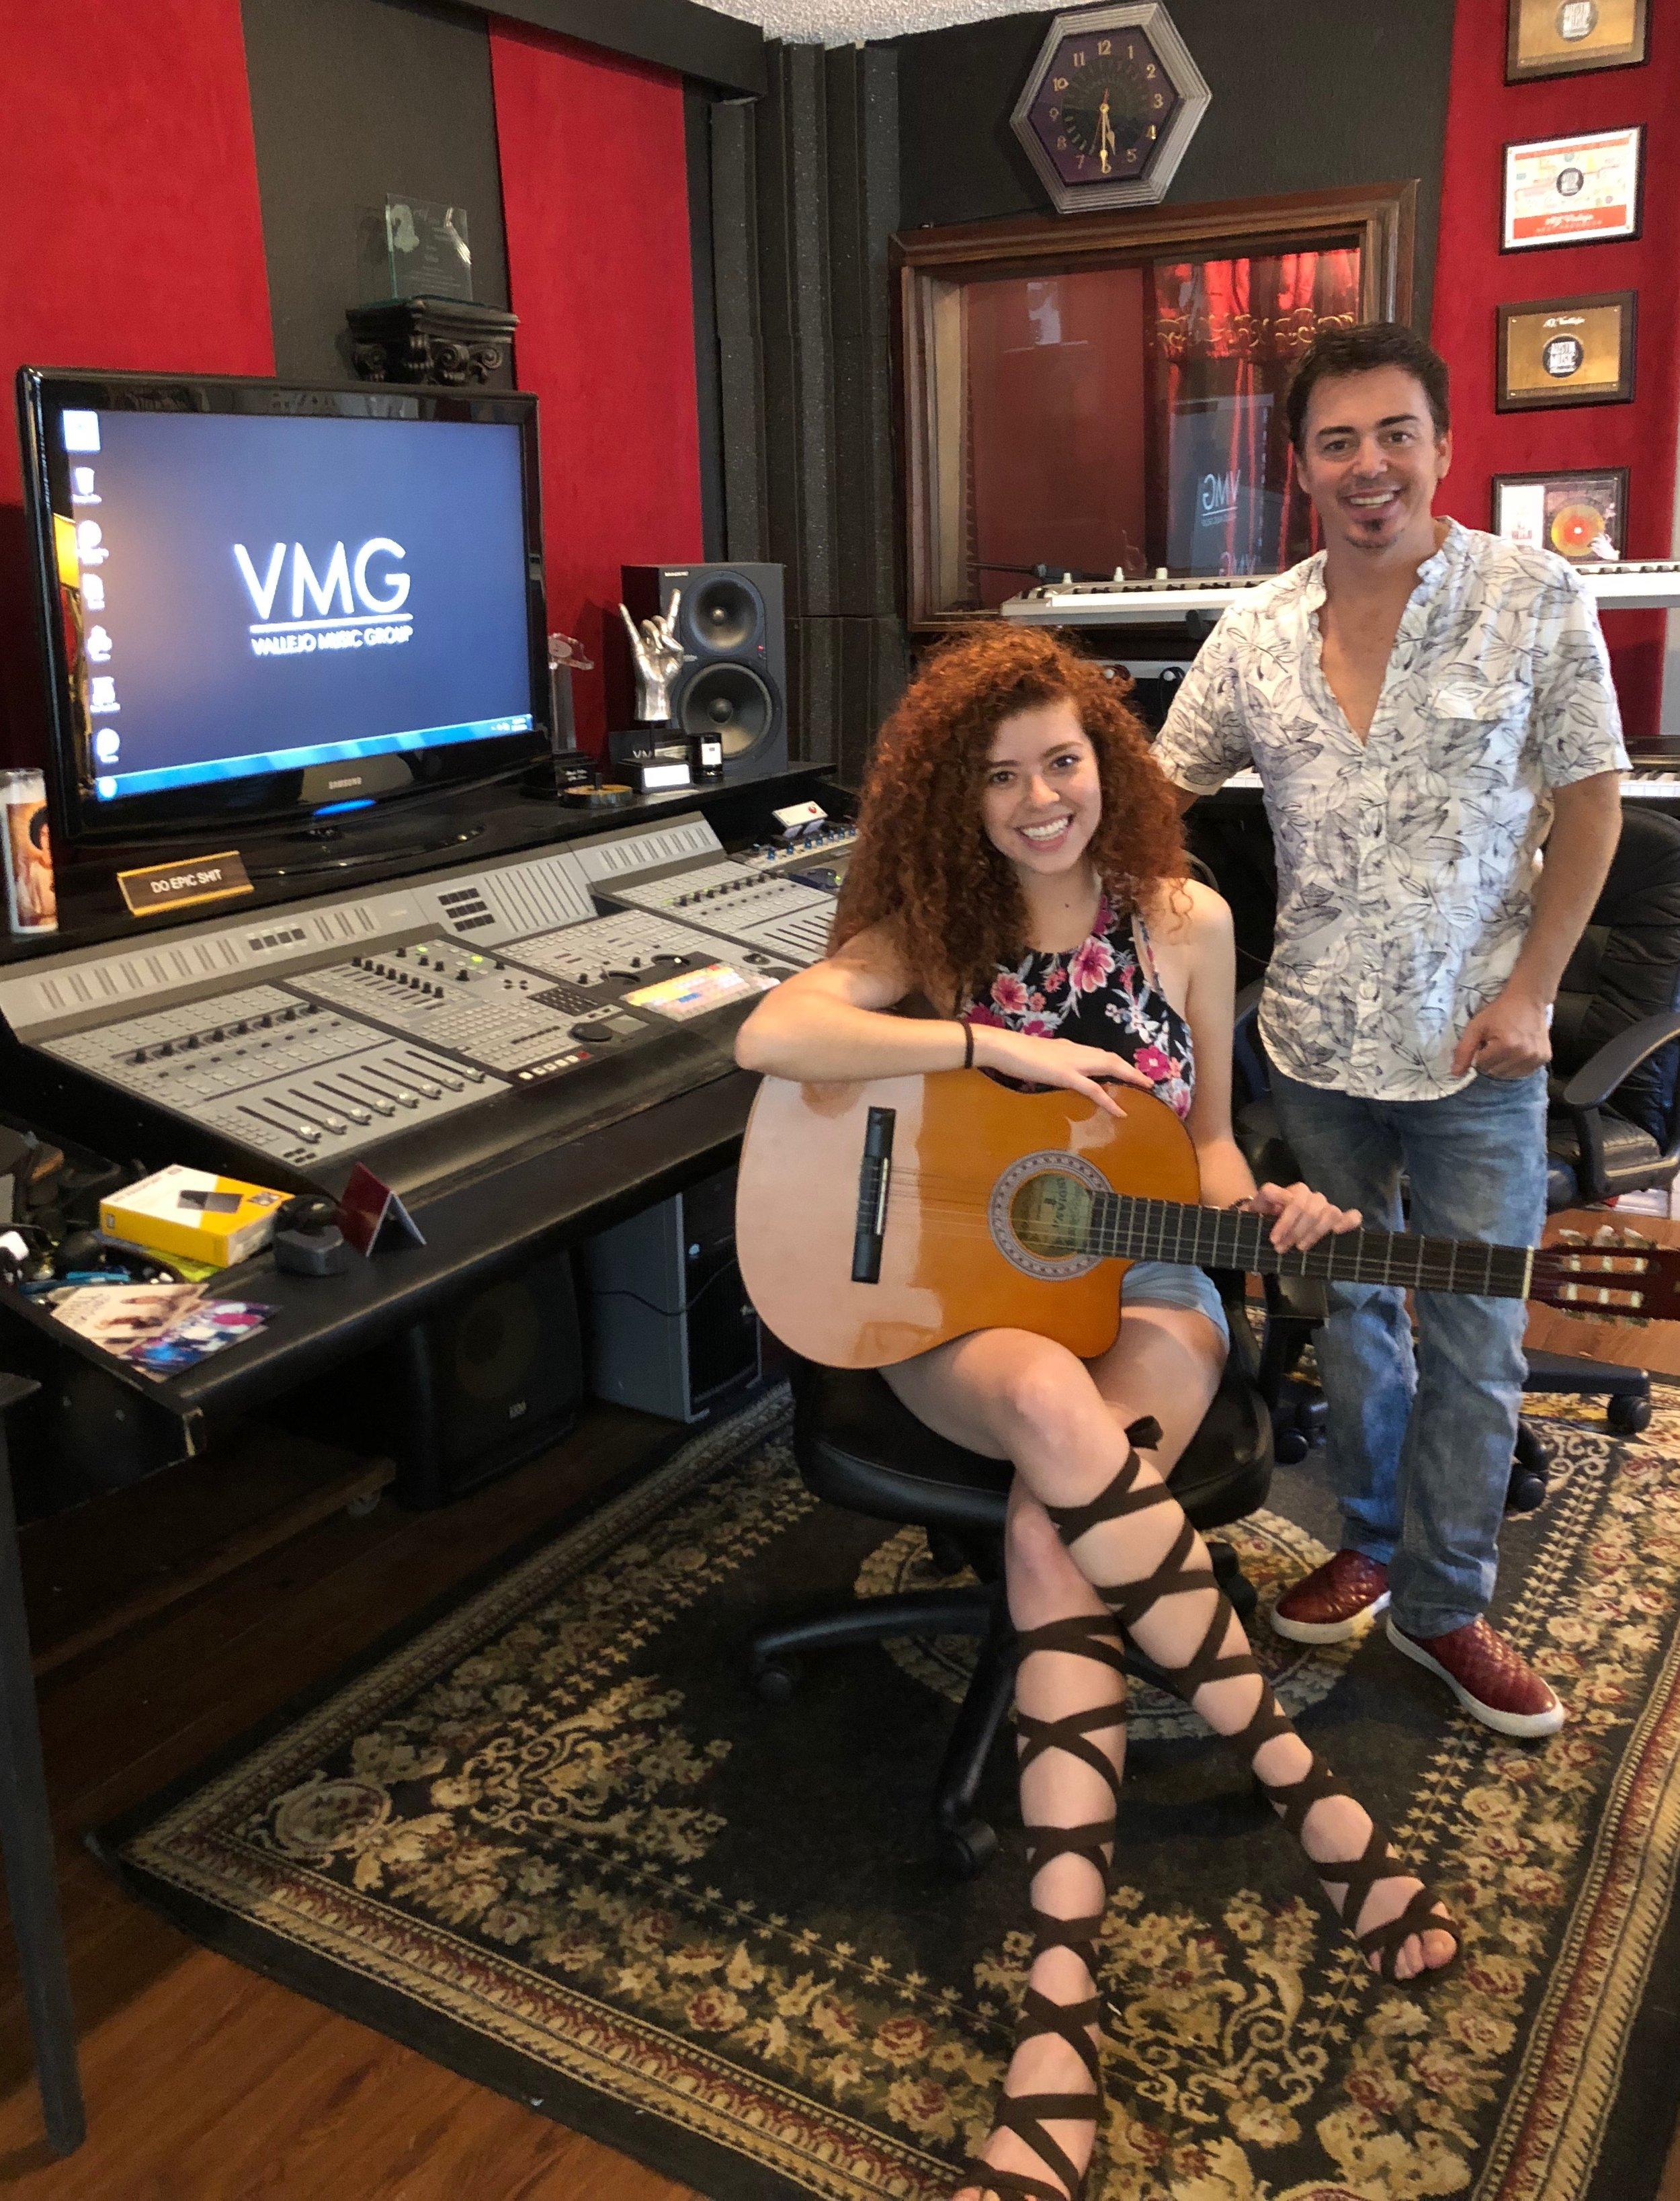 Lesly Reynaga, AJ Vallejo